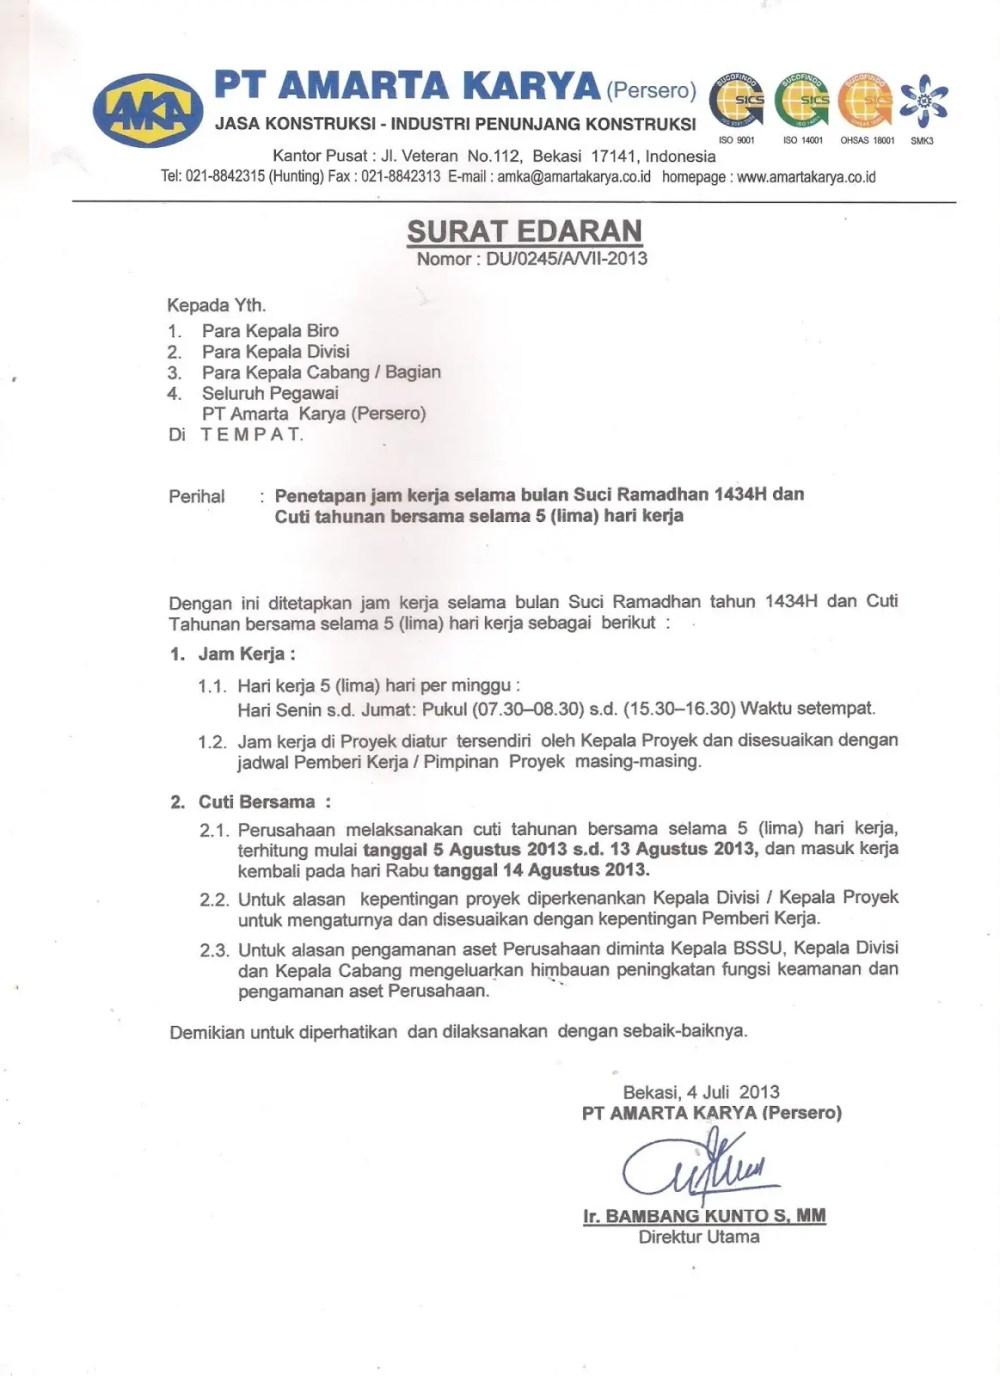 15. Contoh Surat Edaran Resmi Perusahaan